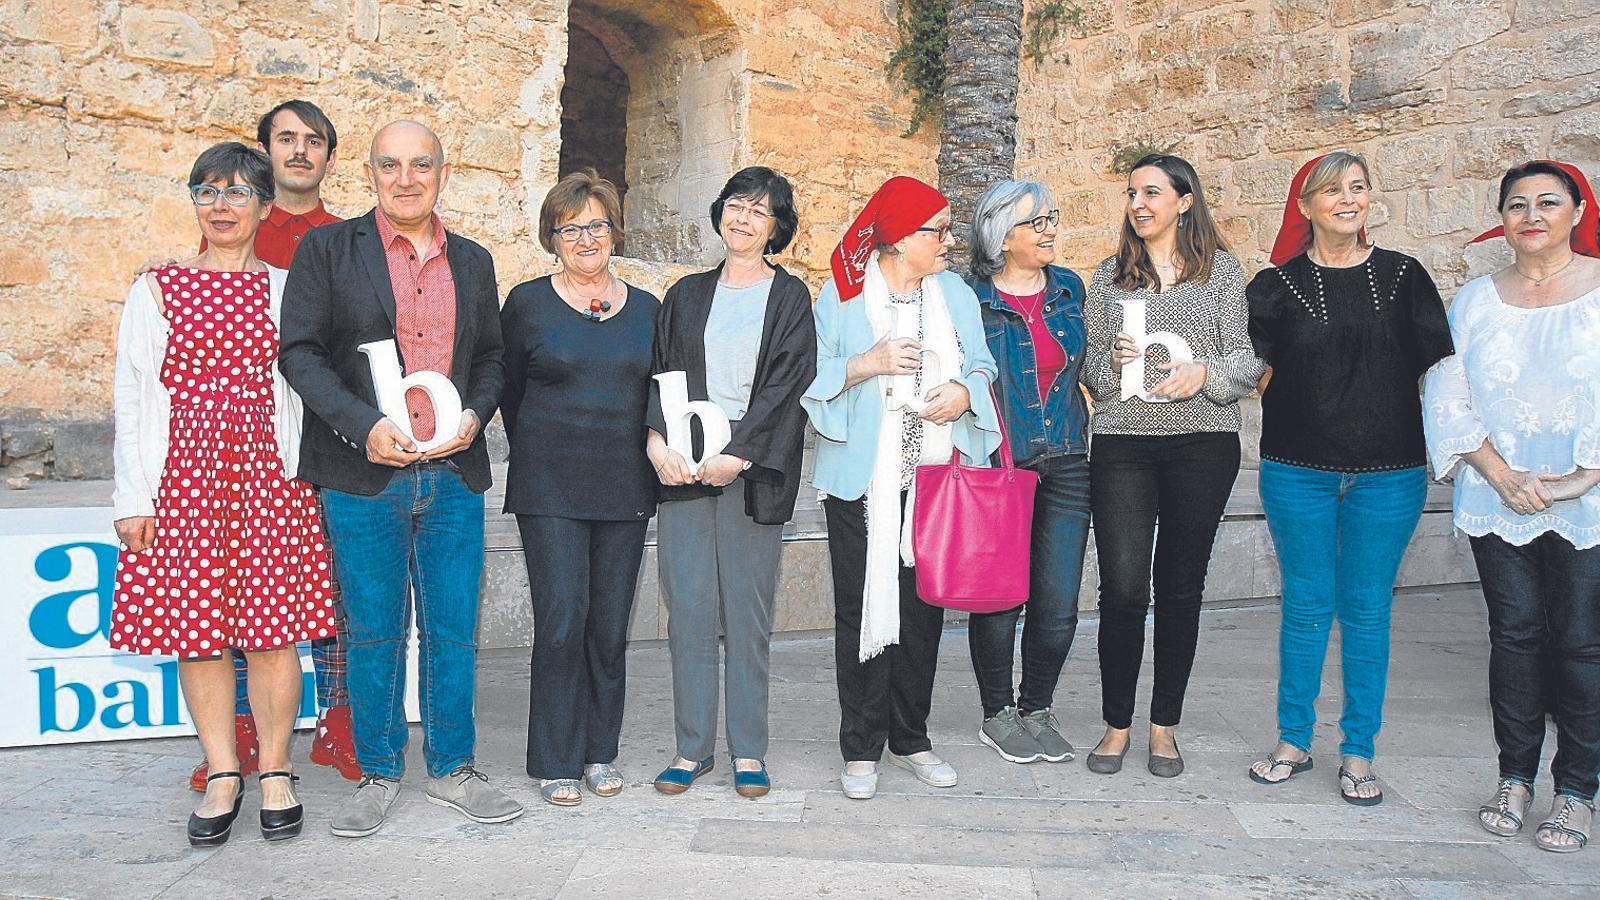 L'ARA Balears premia, un any més, els projectes que ajuden   A canviar el món